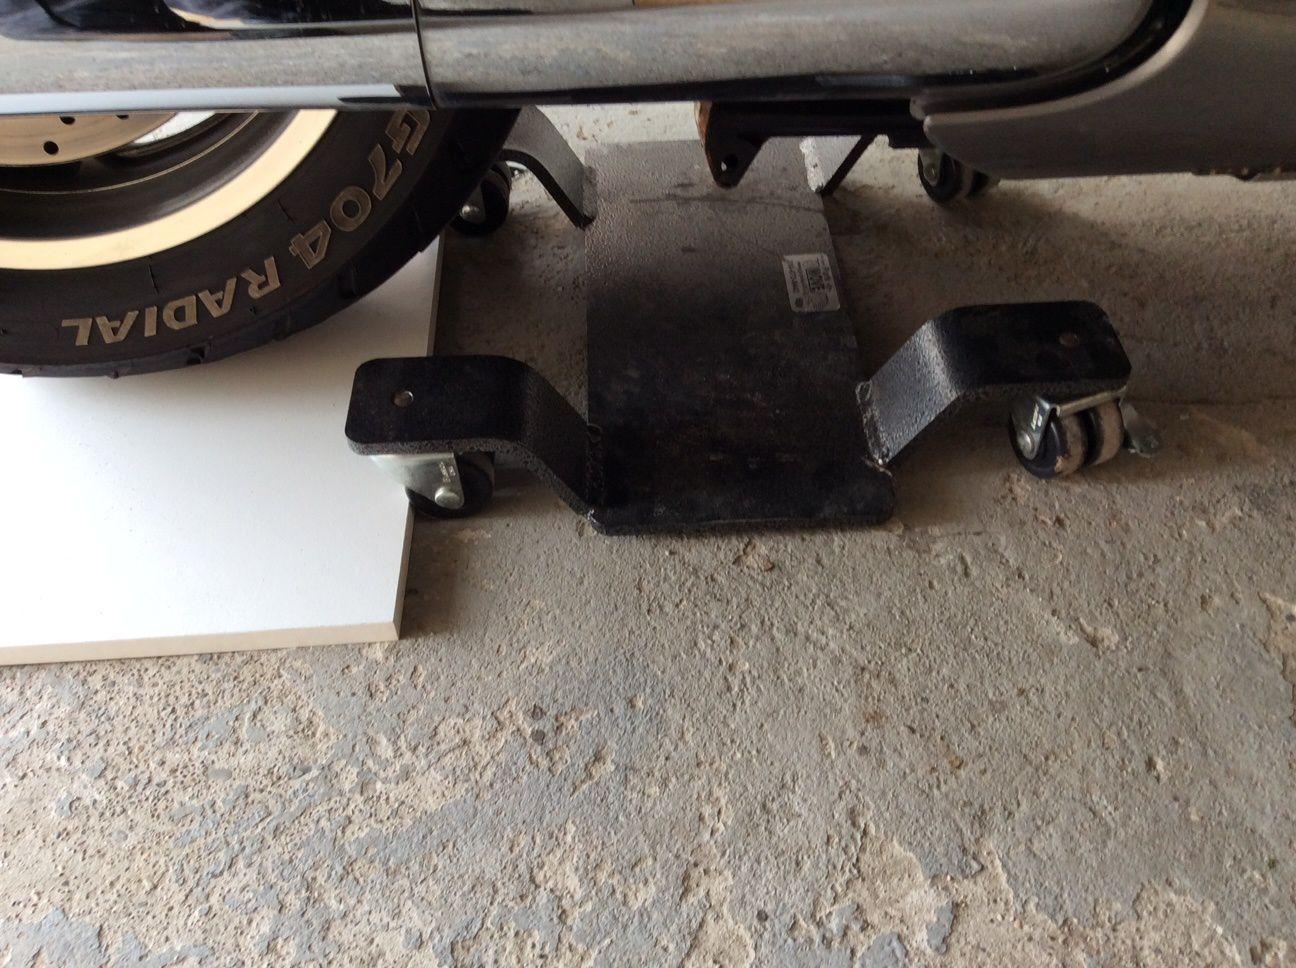 Goldwing - déplacer sa moto (park move) dans un garage